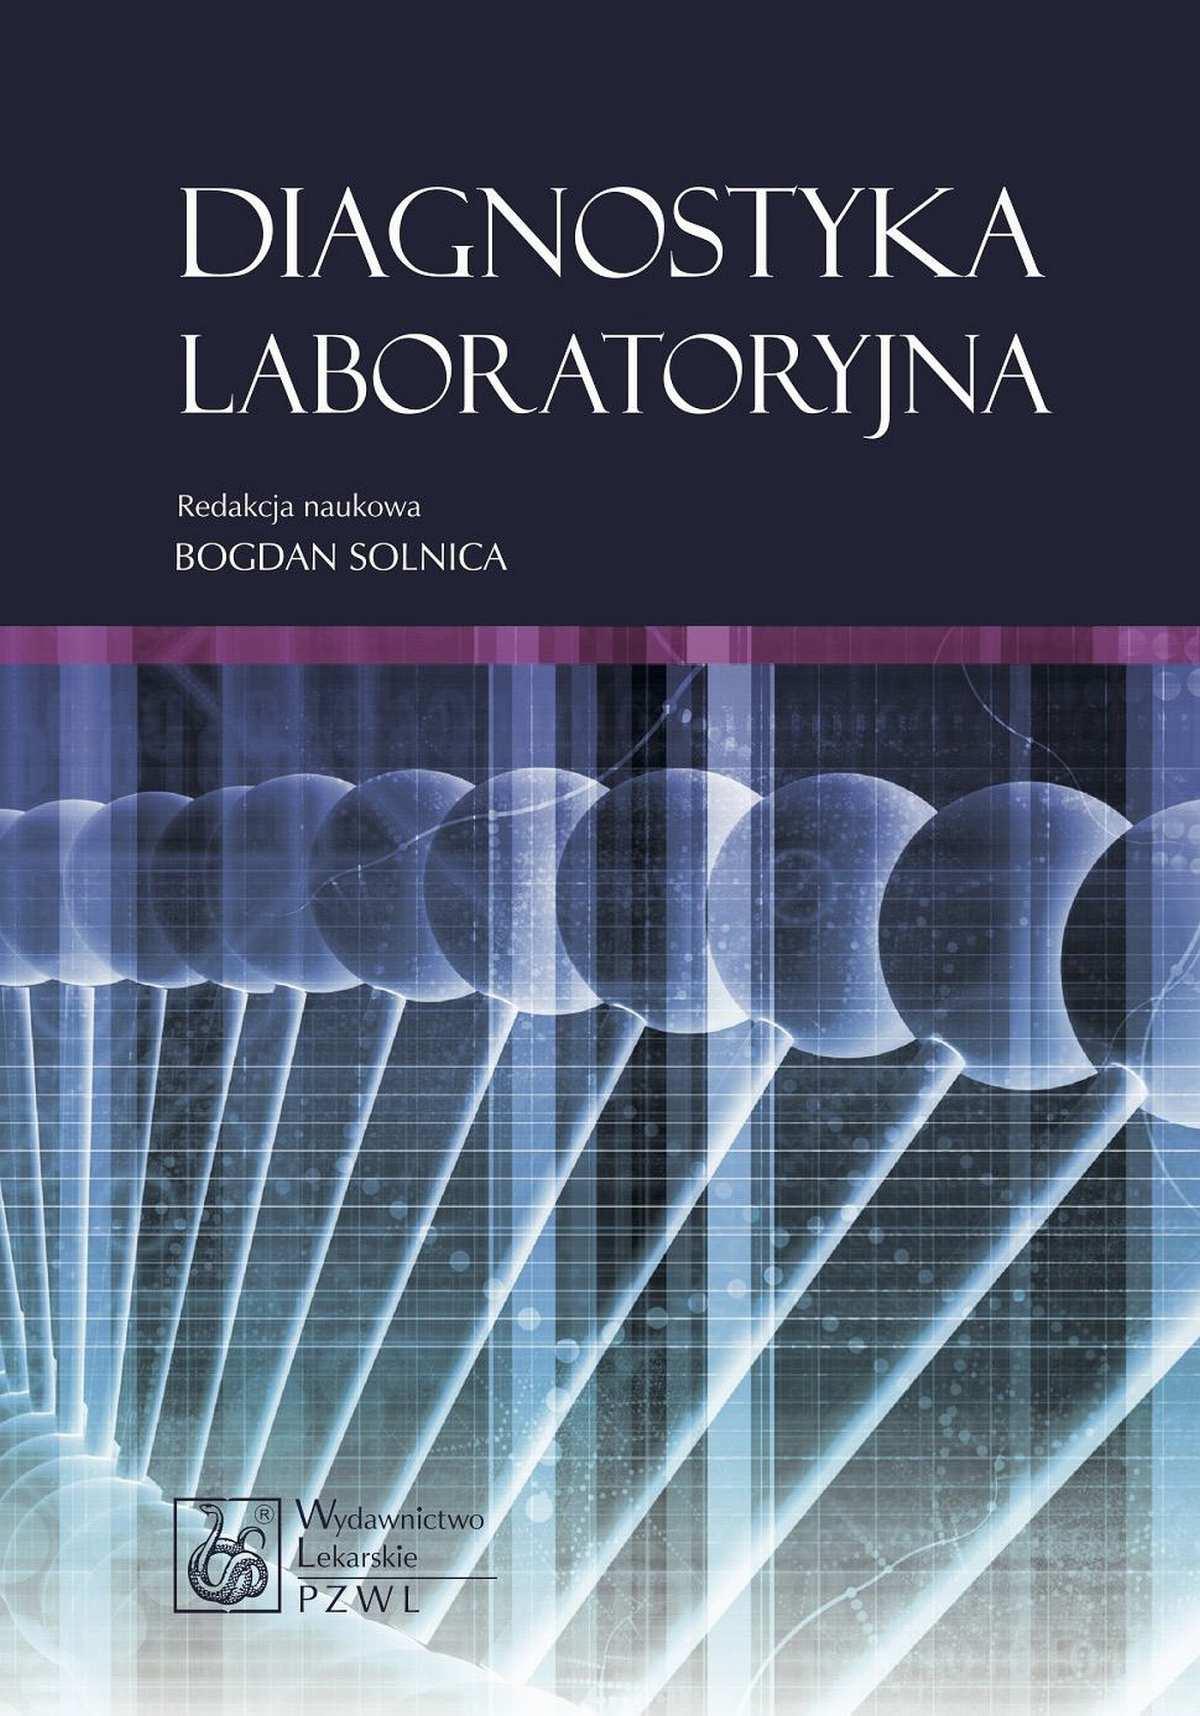 Diagnostyka laboratoryjna - Ebook (Książka na Kindle) do pobrania w formacie MOBI